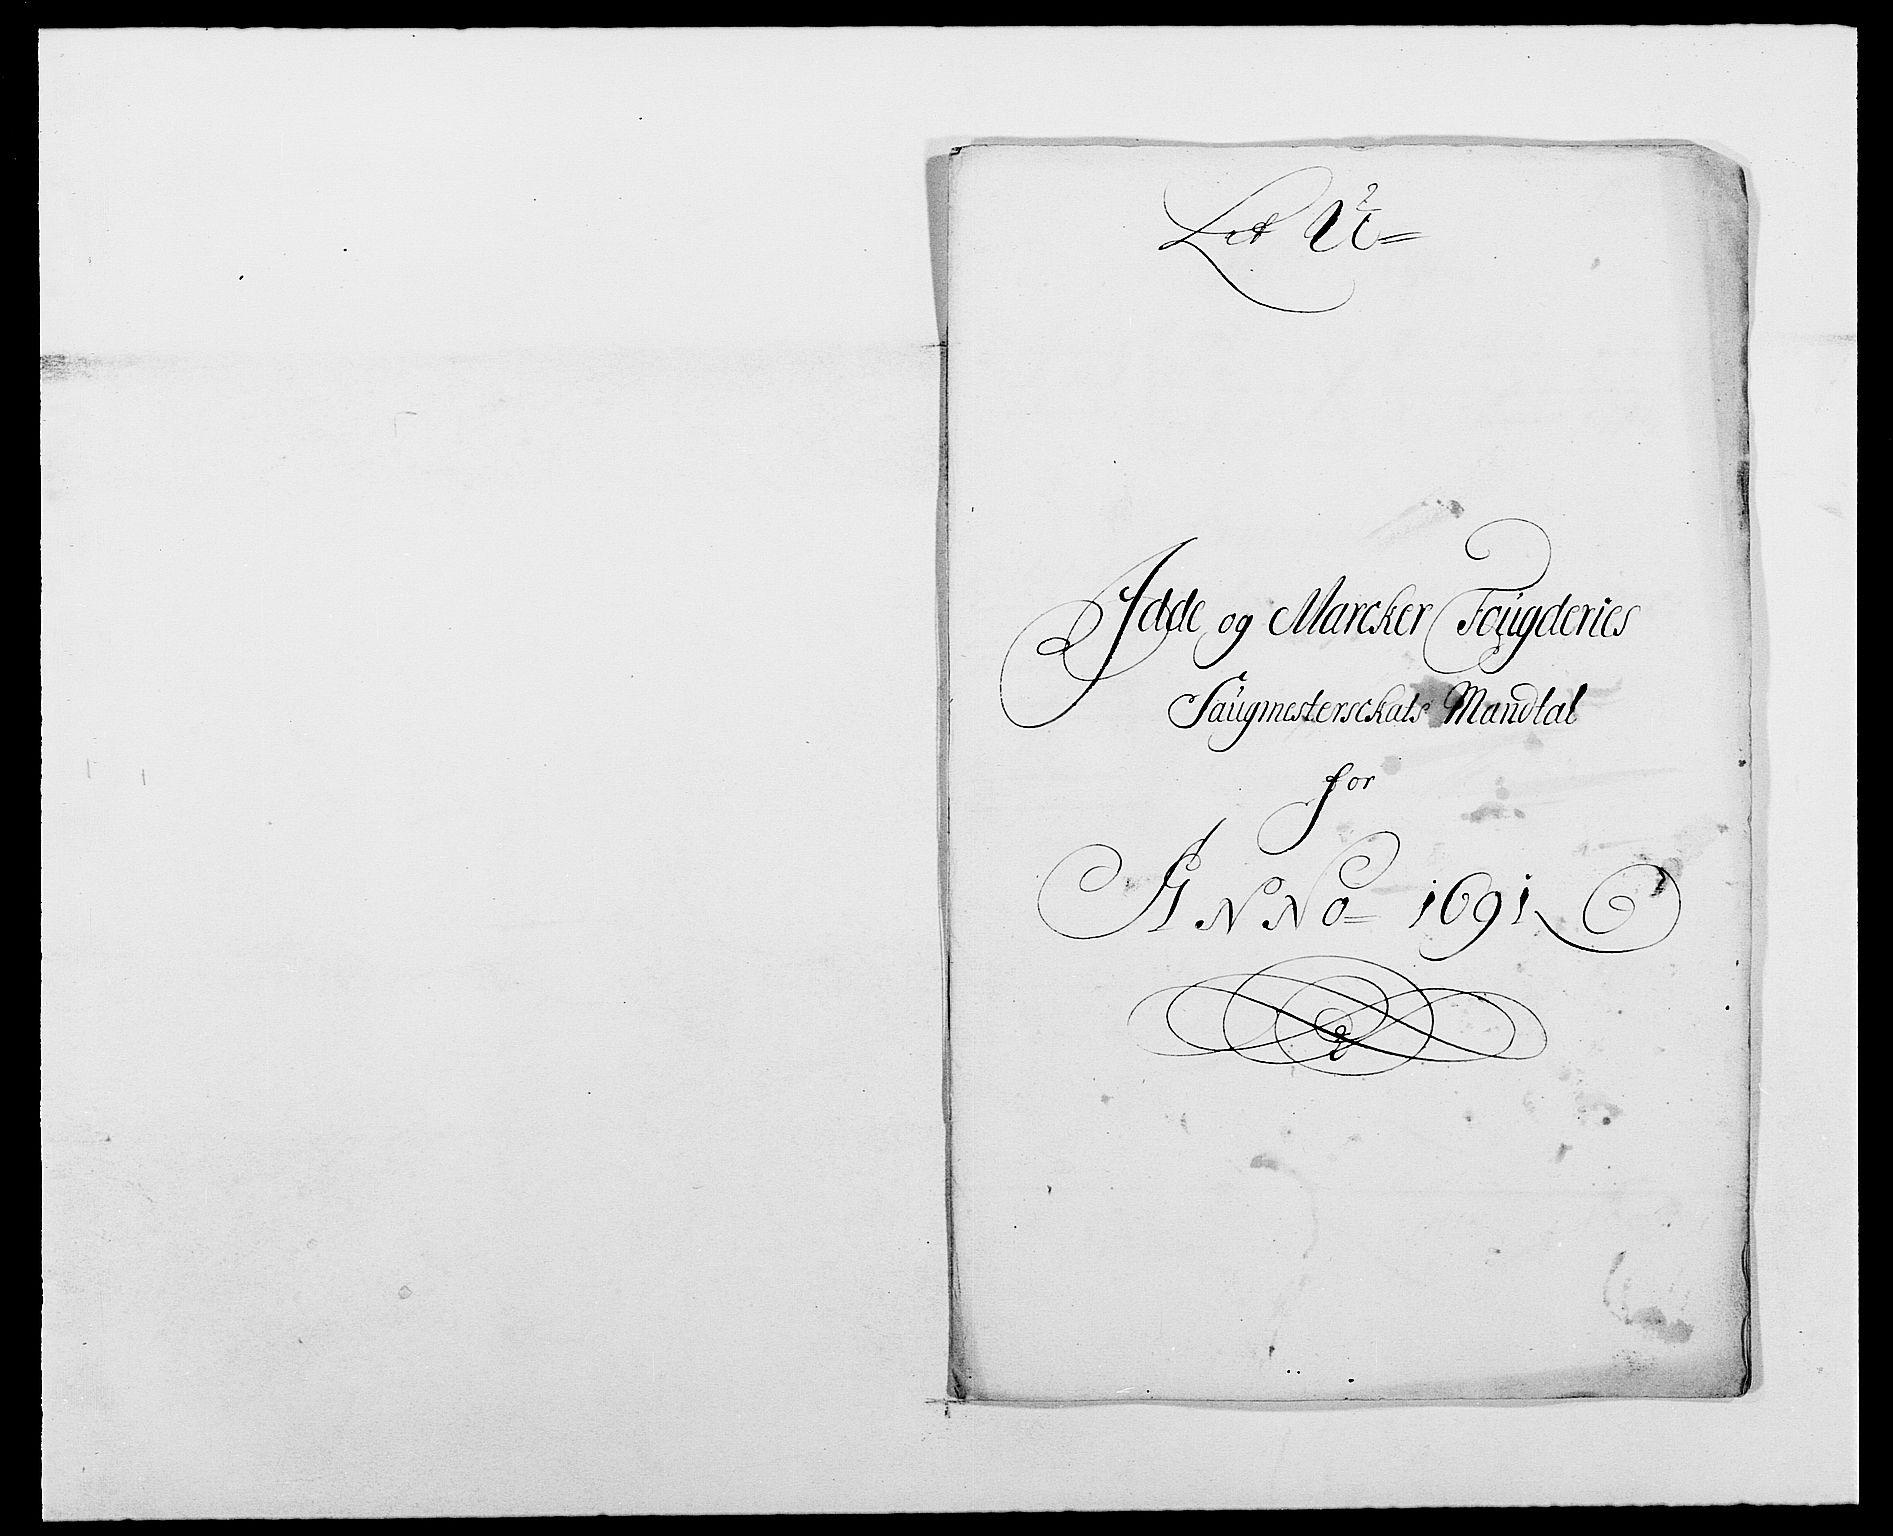 RA, Rentekammeret inntil 1814, Reviderte regnskaper, Fogderegnskap, R01/L0010: Fogderegnskap Idd og Marker, 1690-1691, s. 366